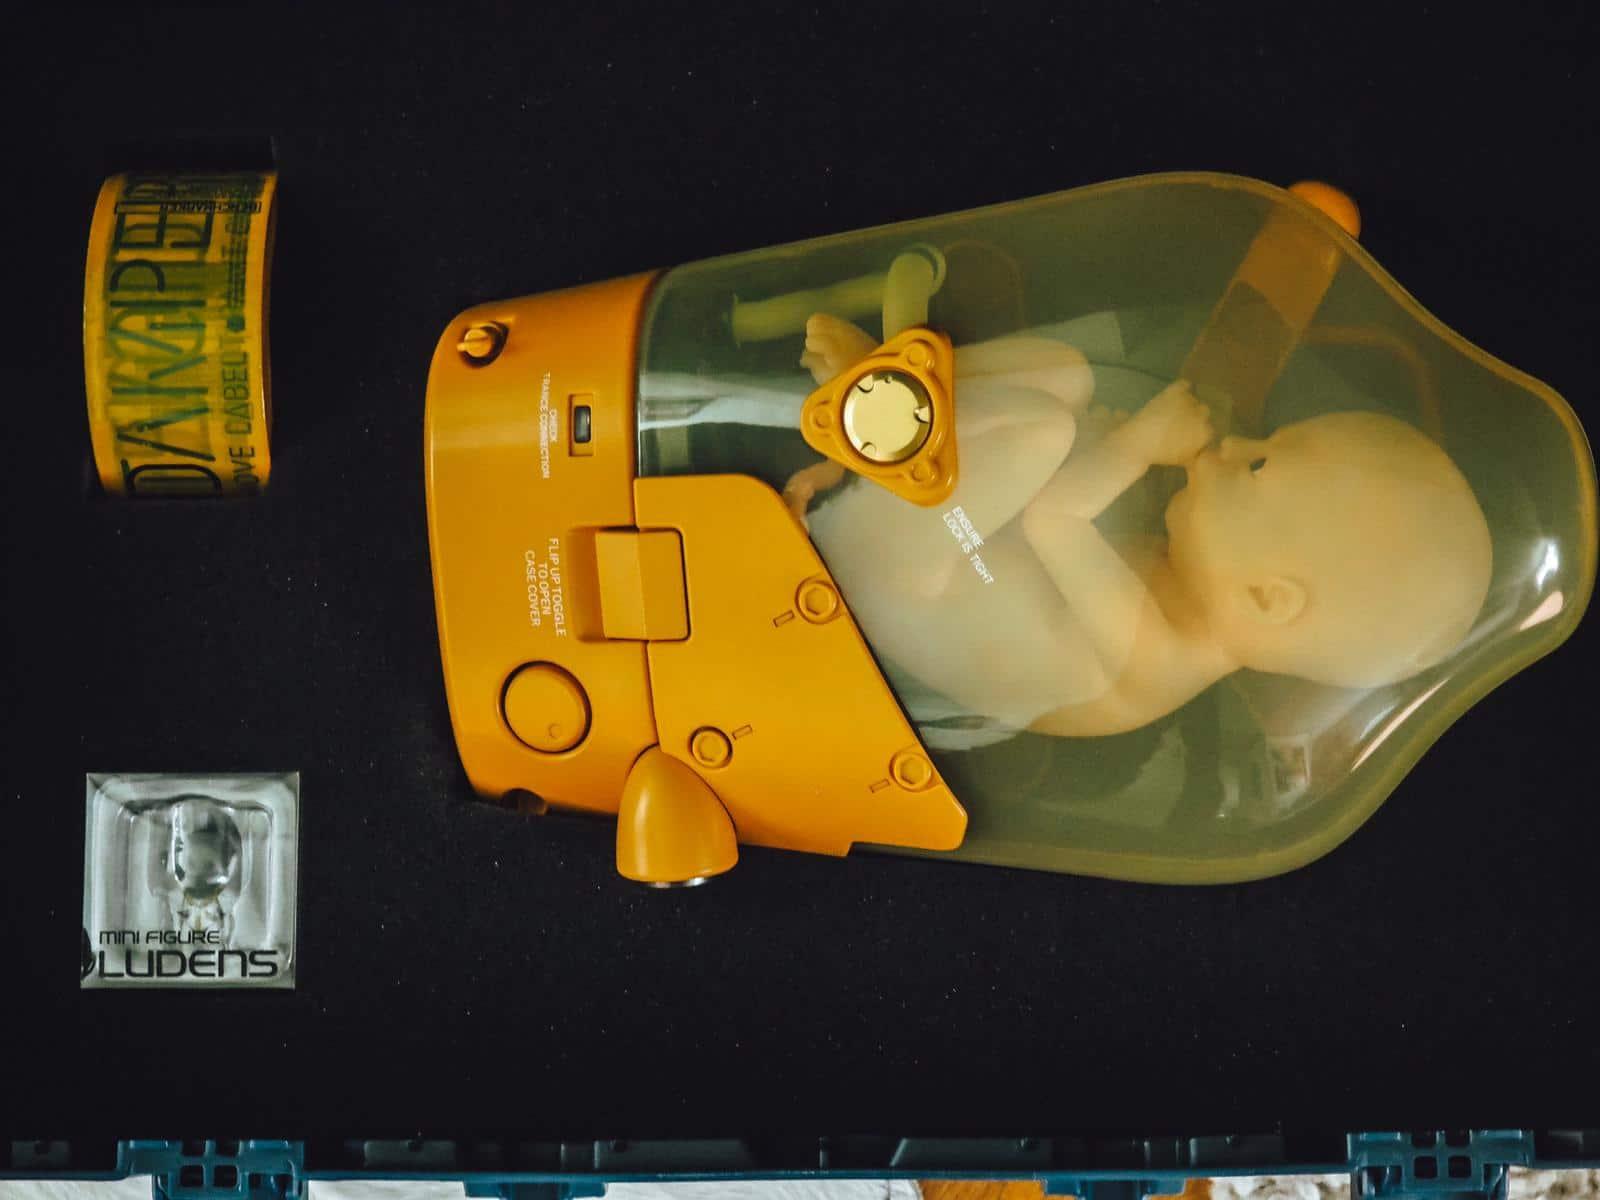 Heute bekommt ihr ein Unboxing der Death Stranding Collectors Edition mit cooler BB Kapsel-Lampe und stliyschem Ludens-Schlüsselanhänger auf dem Gamer Blog